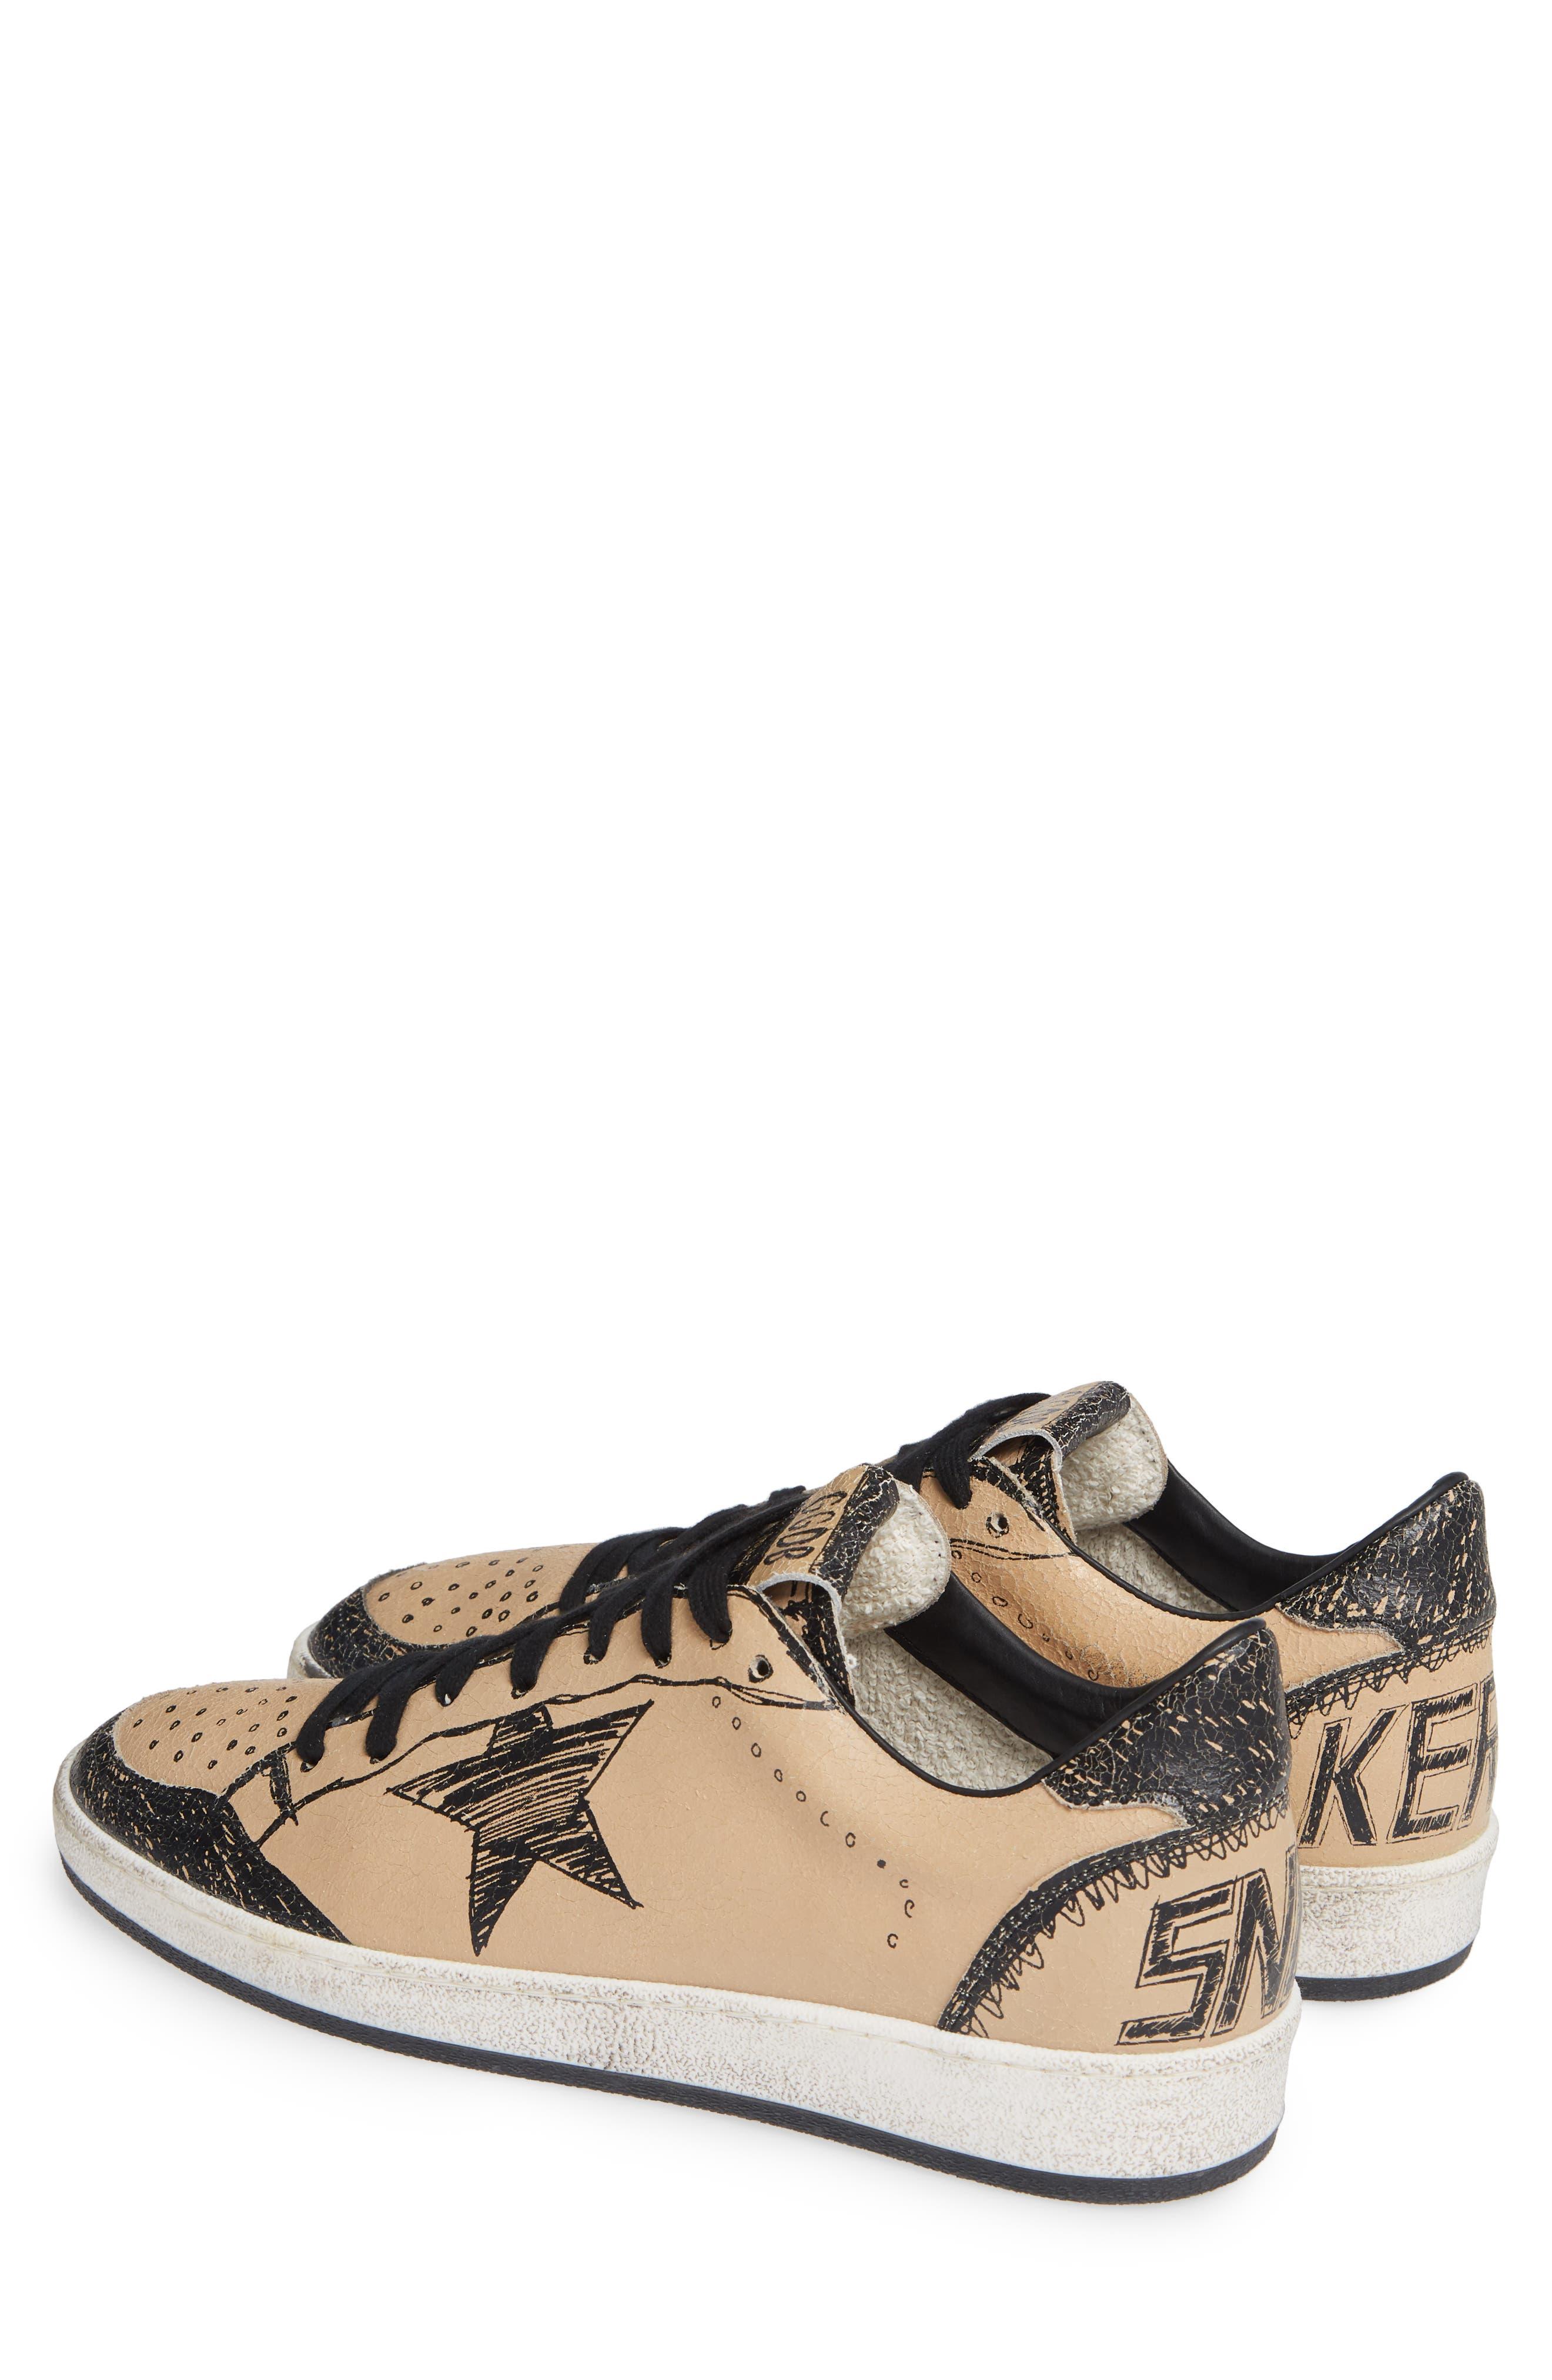 B-Ball Star Sneaker,                             Alternate thumbnail 3, color,                             004